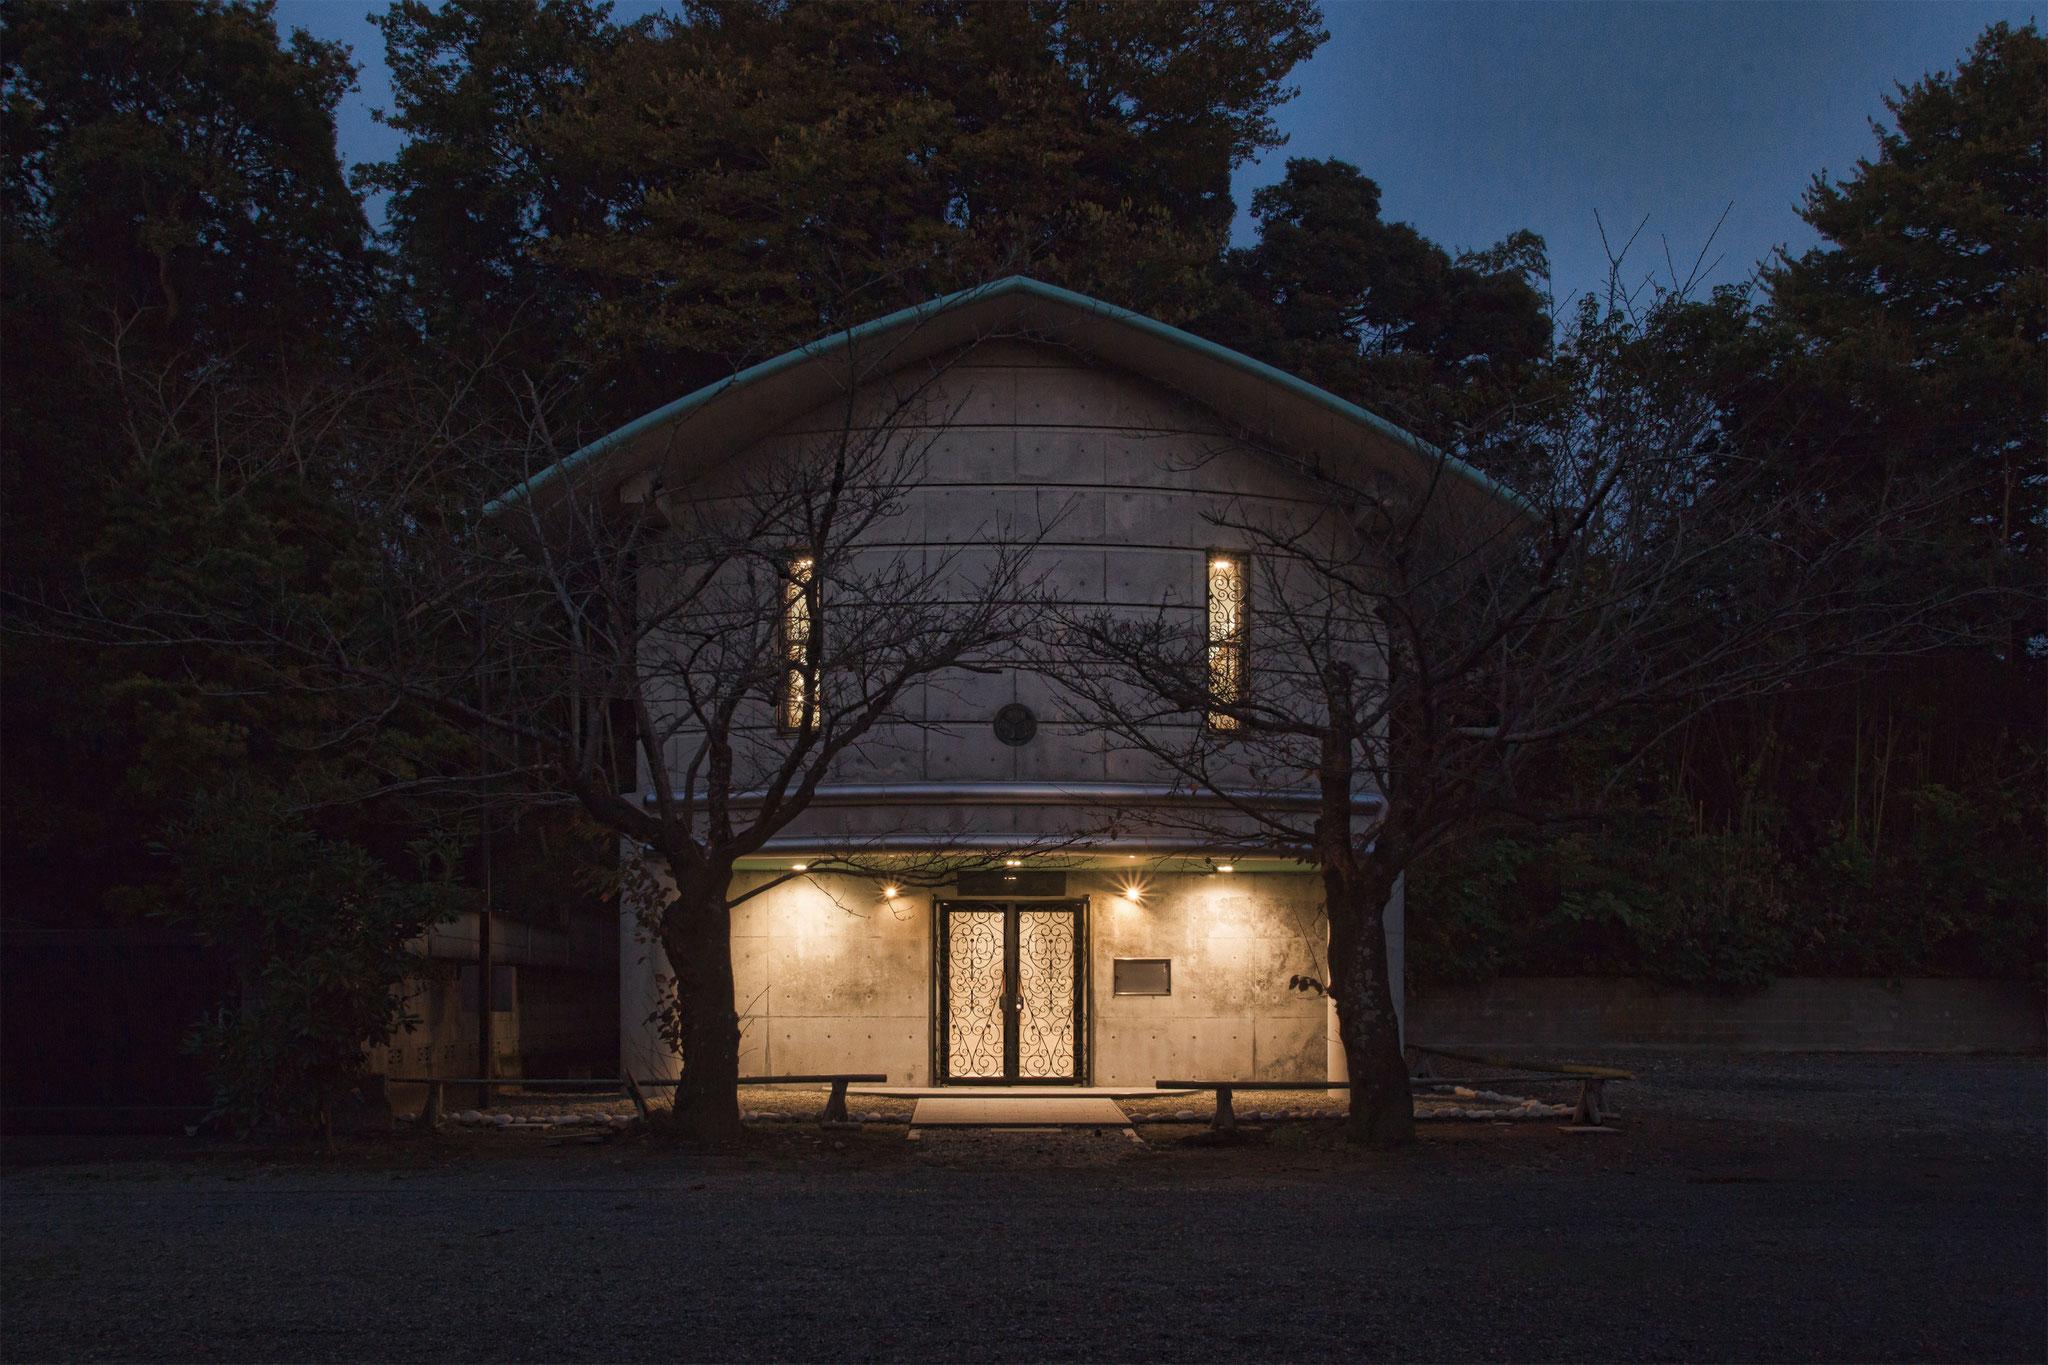 夜景 Photo by BDM